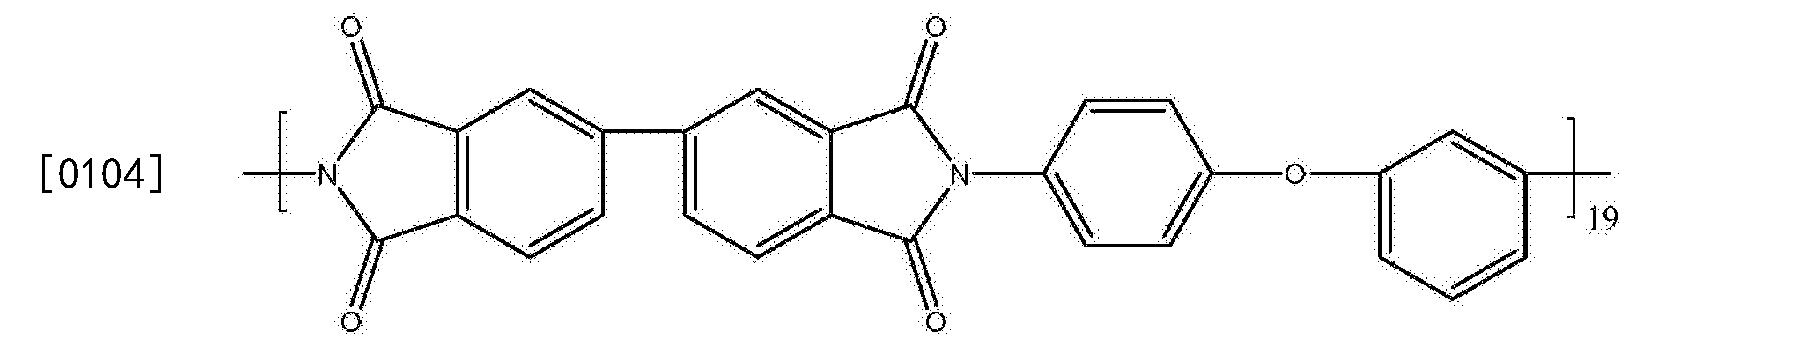 Figure CN104829837BD00162